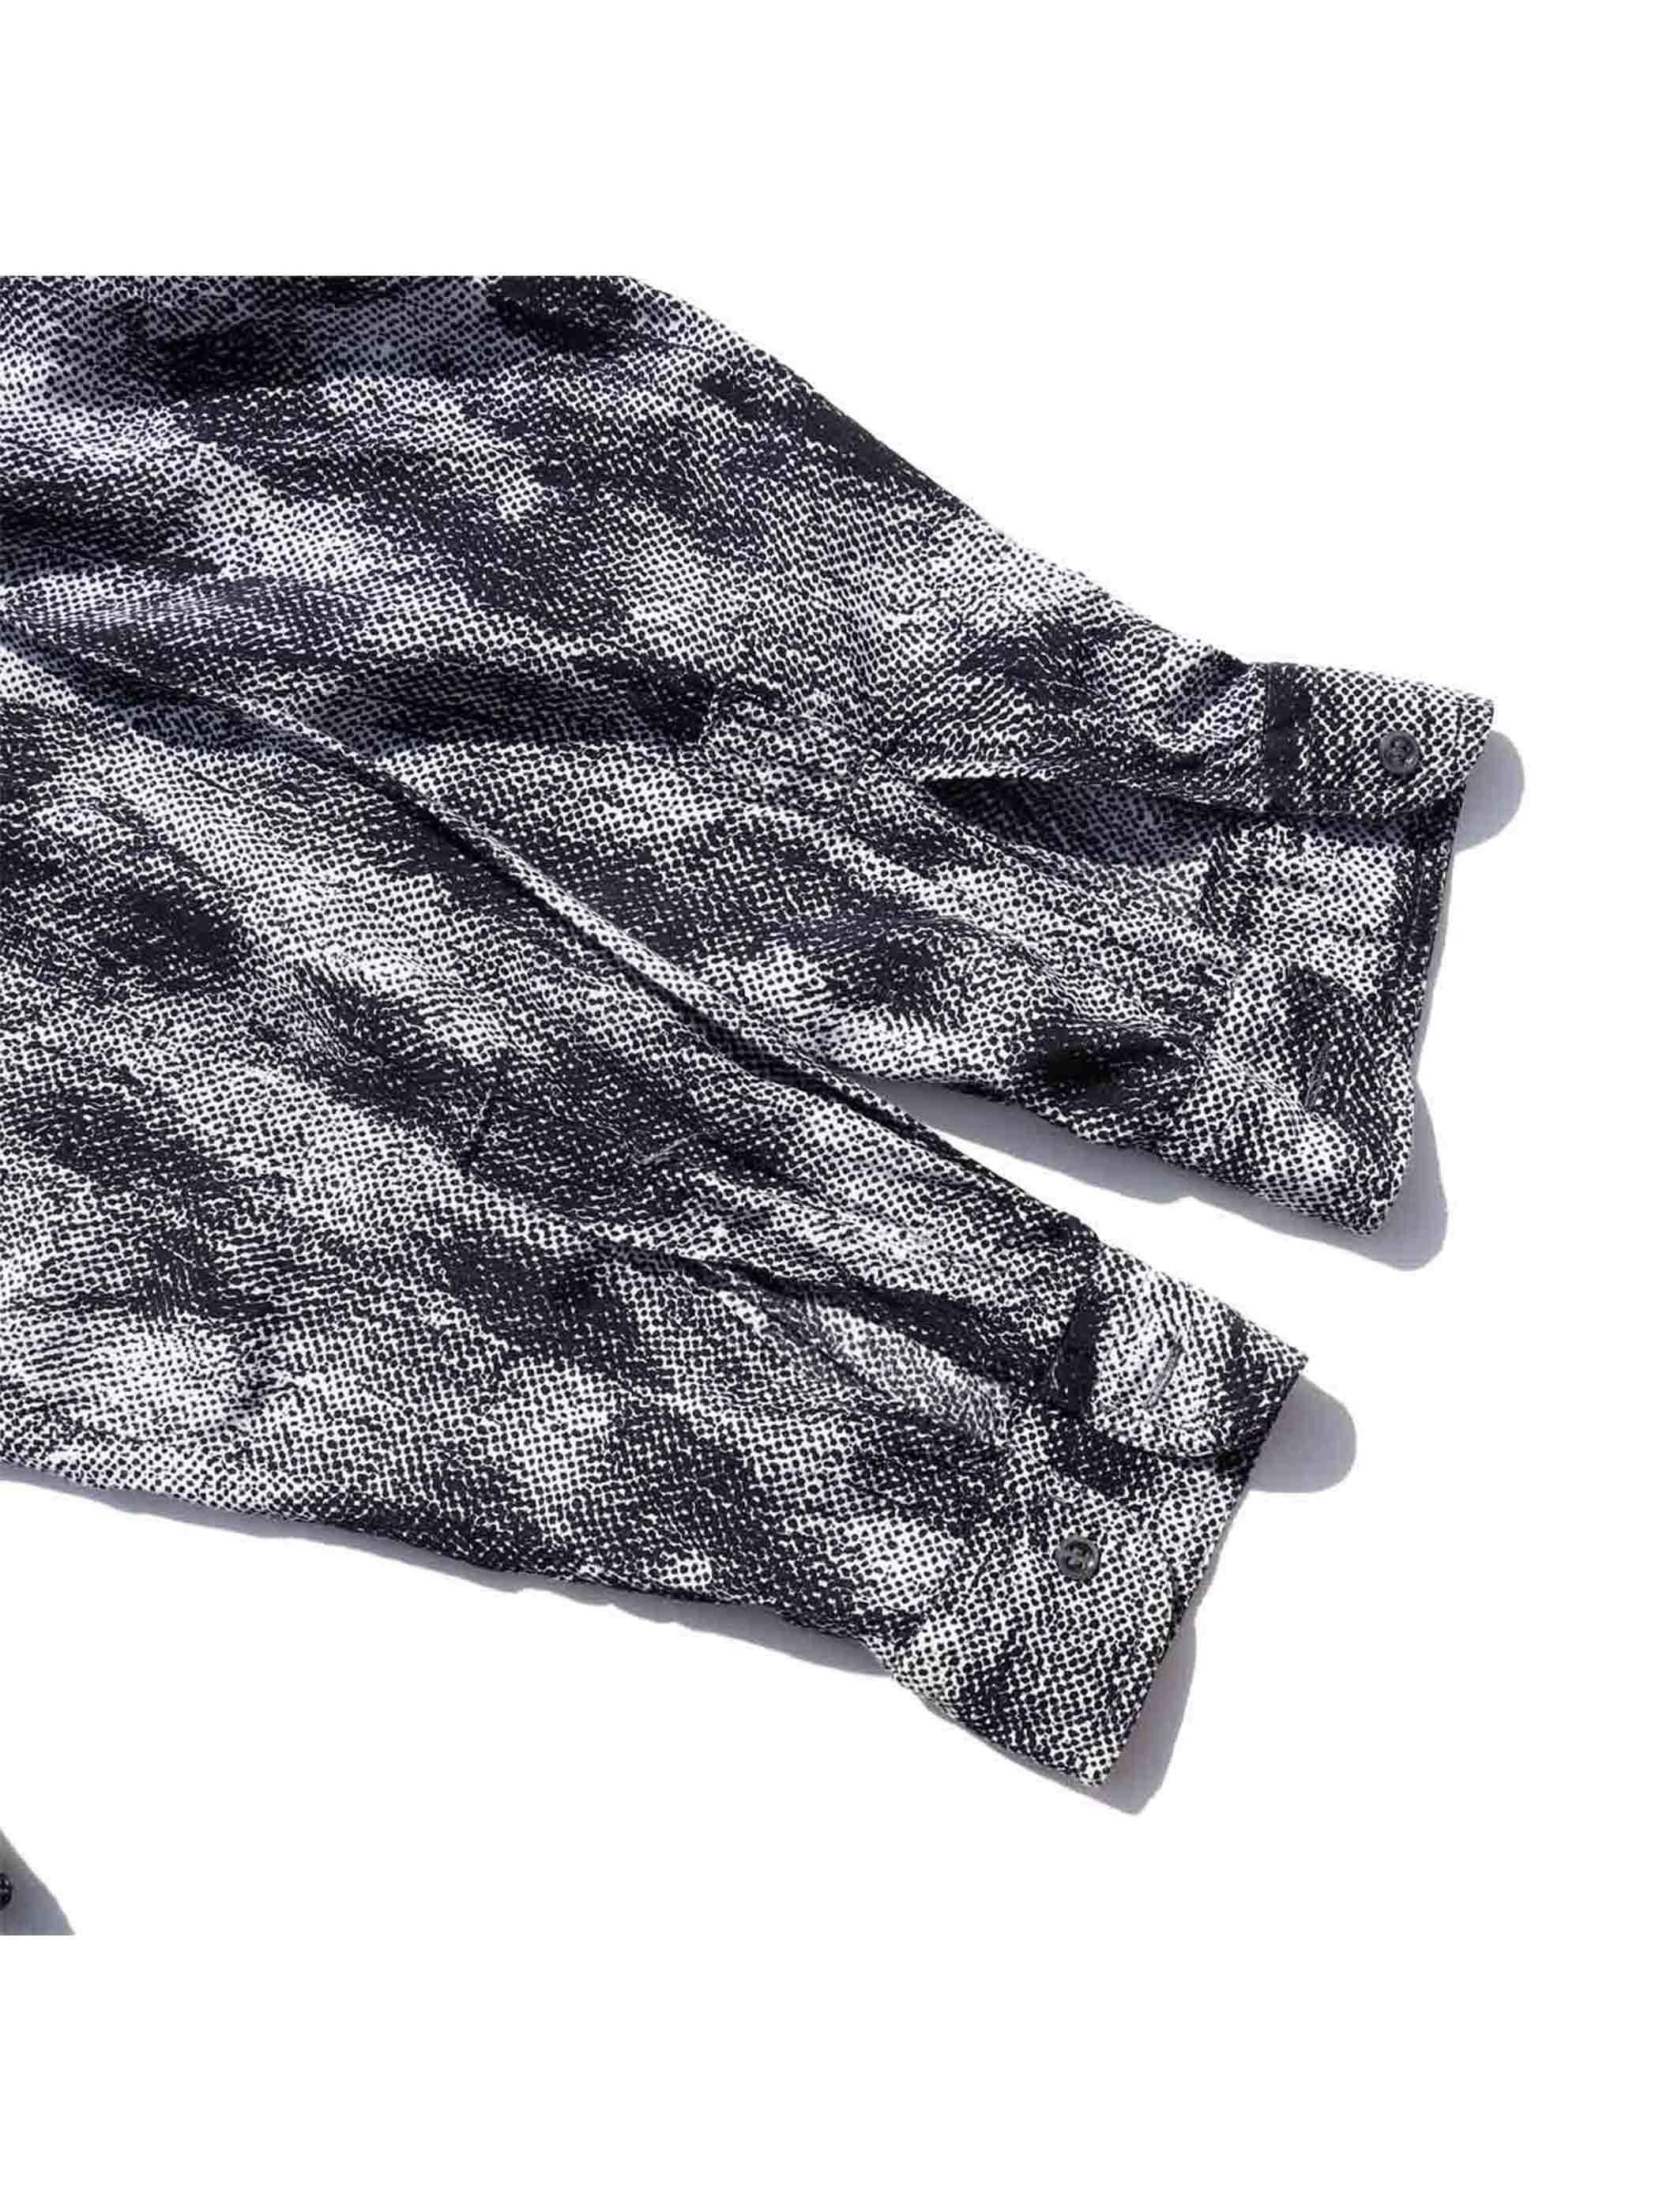 90's~ ONE MESSAGE SHIRT イタリア製 アブストラクトパターン L/Sシャツ [M]